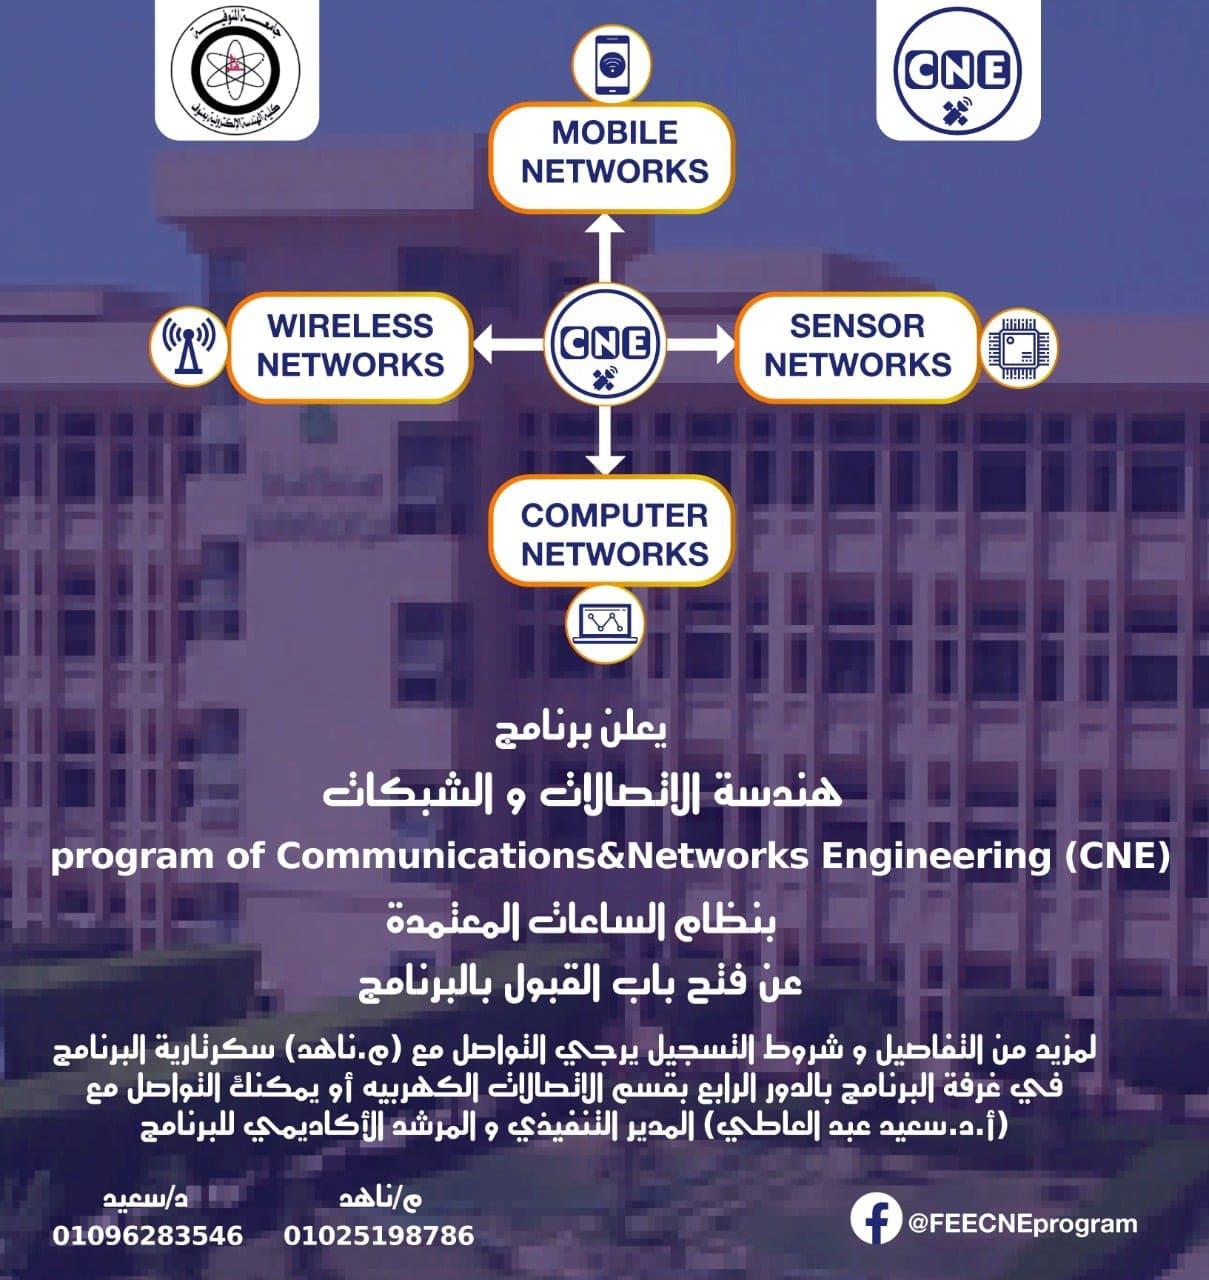 فتح باب التقديم ببرنامج هندسة الاتصالات والشبكات